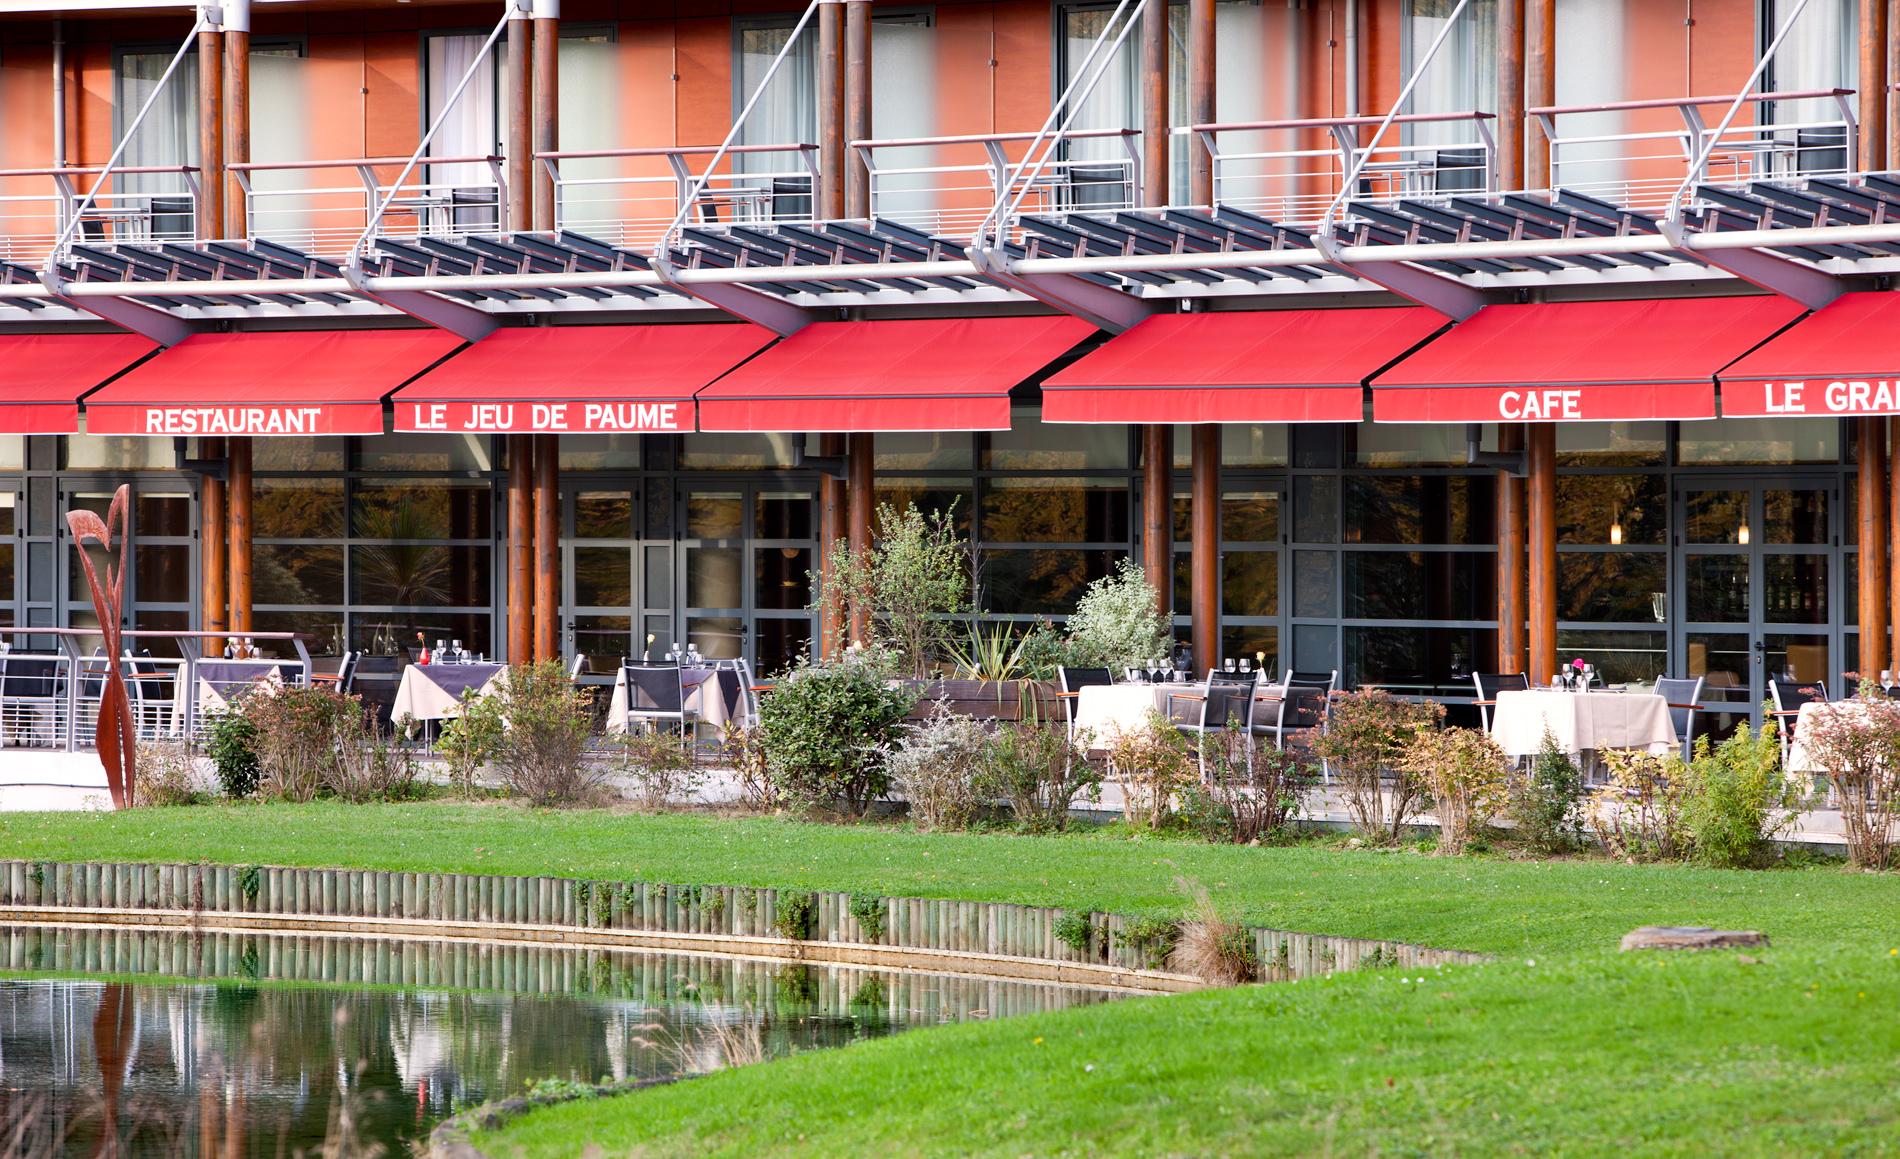 Restaurant gastronomique Le Jeu de Paume - Hôtel Parc Beaumont, Pau